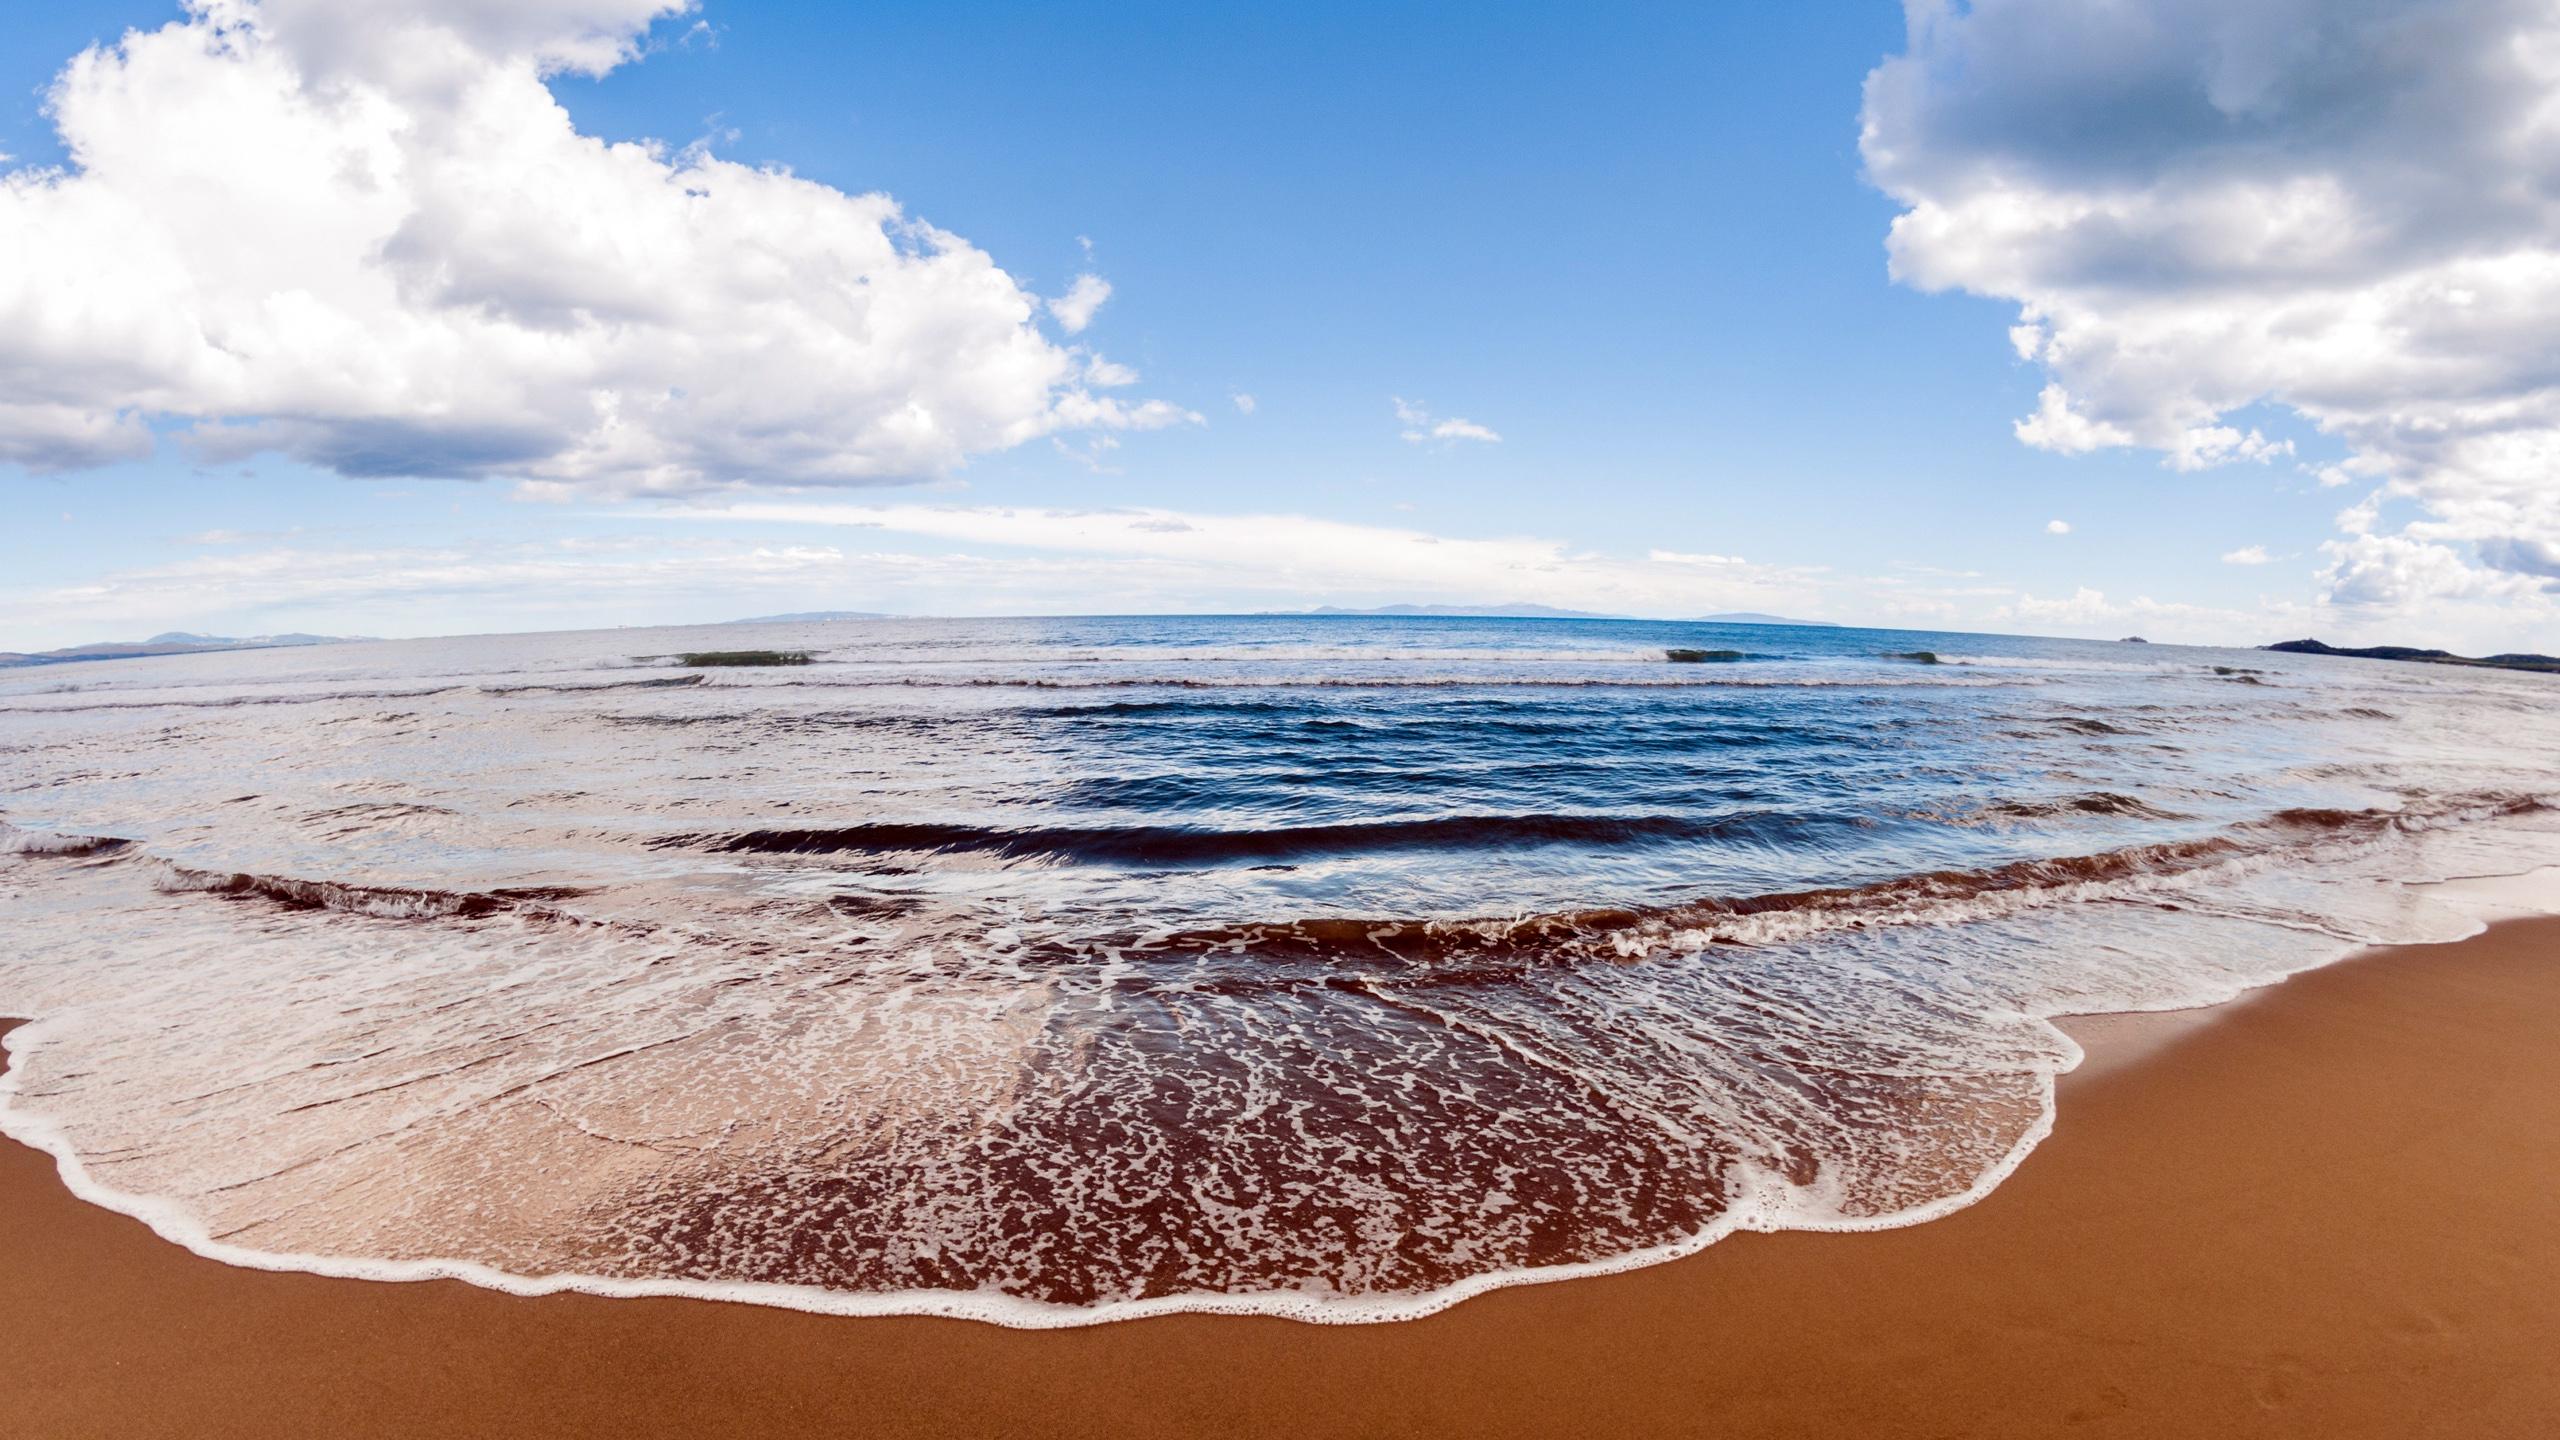 Картинки обои на рабочий стол море, воны, песок, облака, небо, 2560 на 1440 пикселей